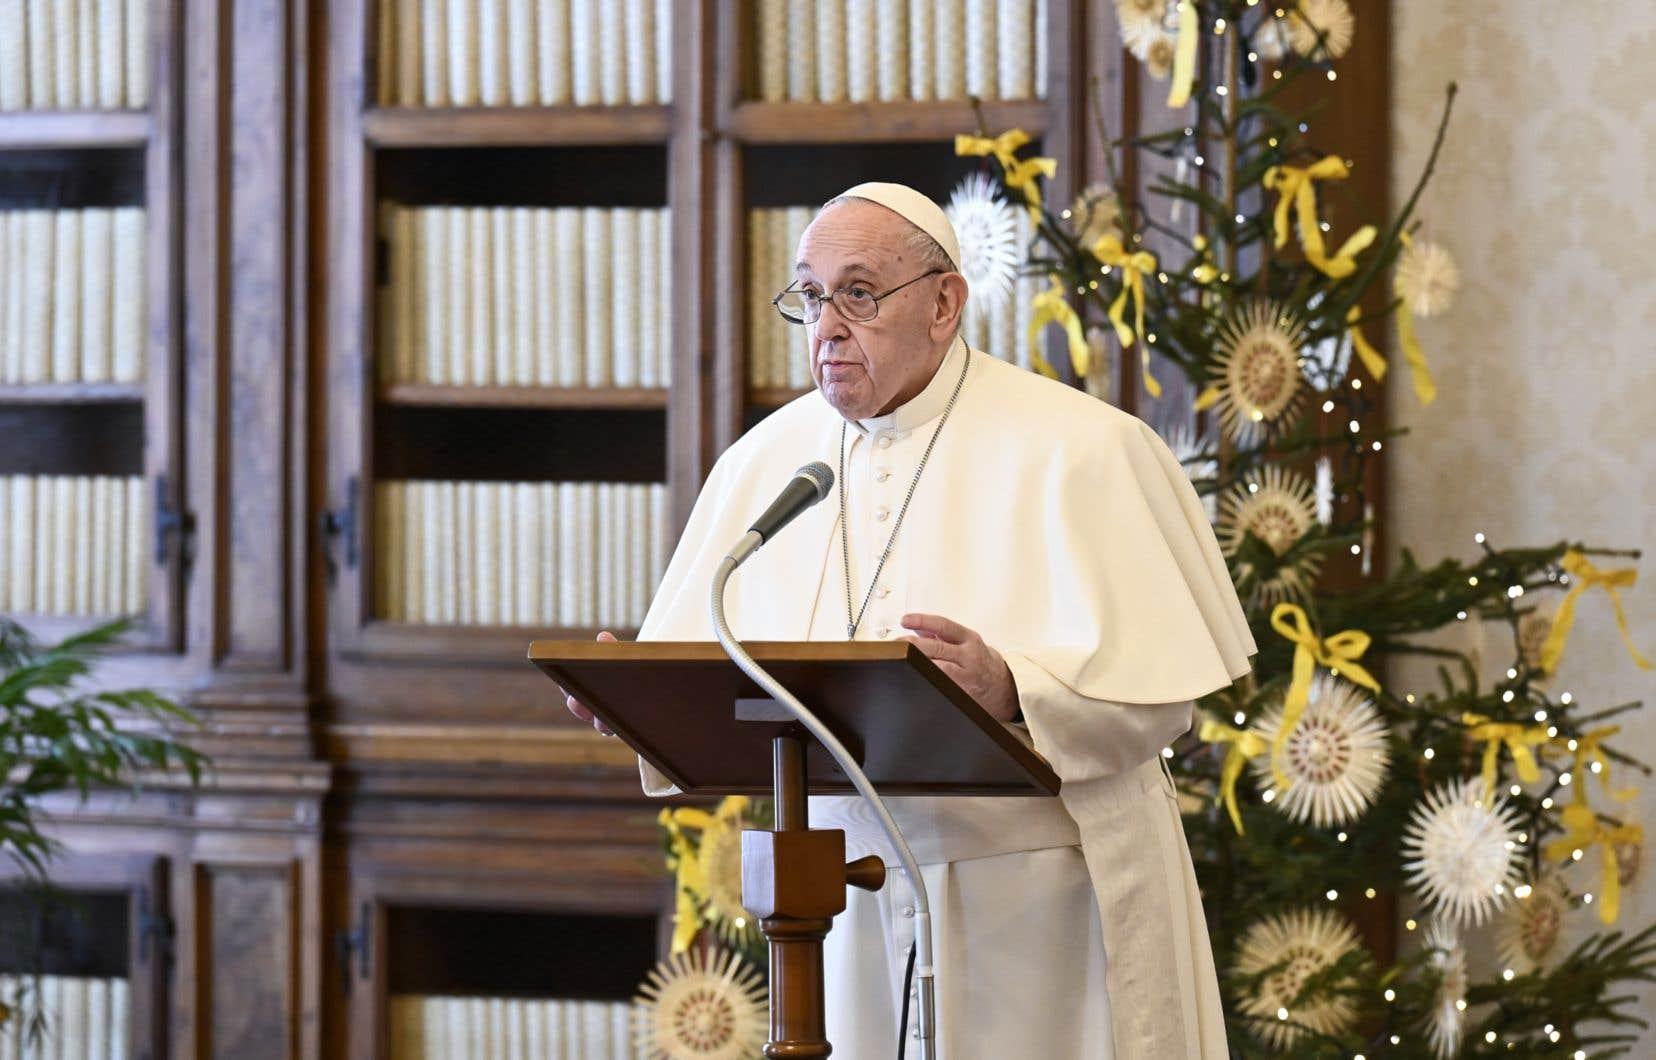 Face au vaccin contre la COVID-19, «il y a un négationnisme suicidaire que je ne saurais pas expliquer, mais aujourd'hui il faut se faire vacciner», a déclaré en entrevue le pape François.